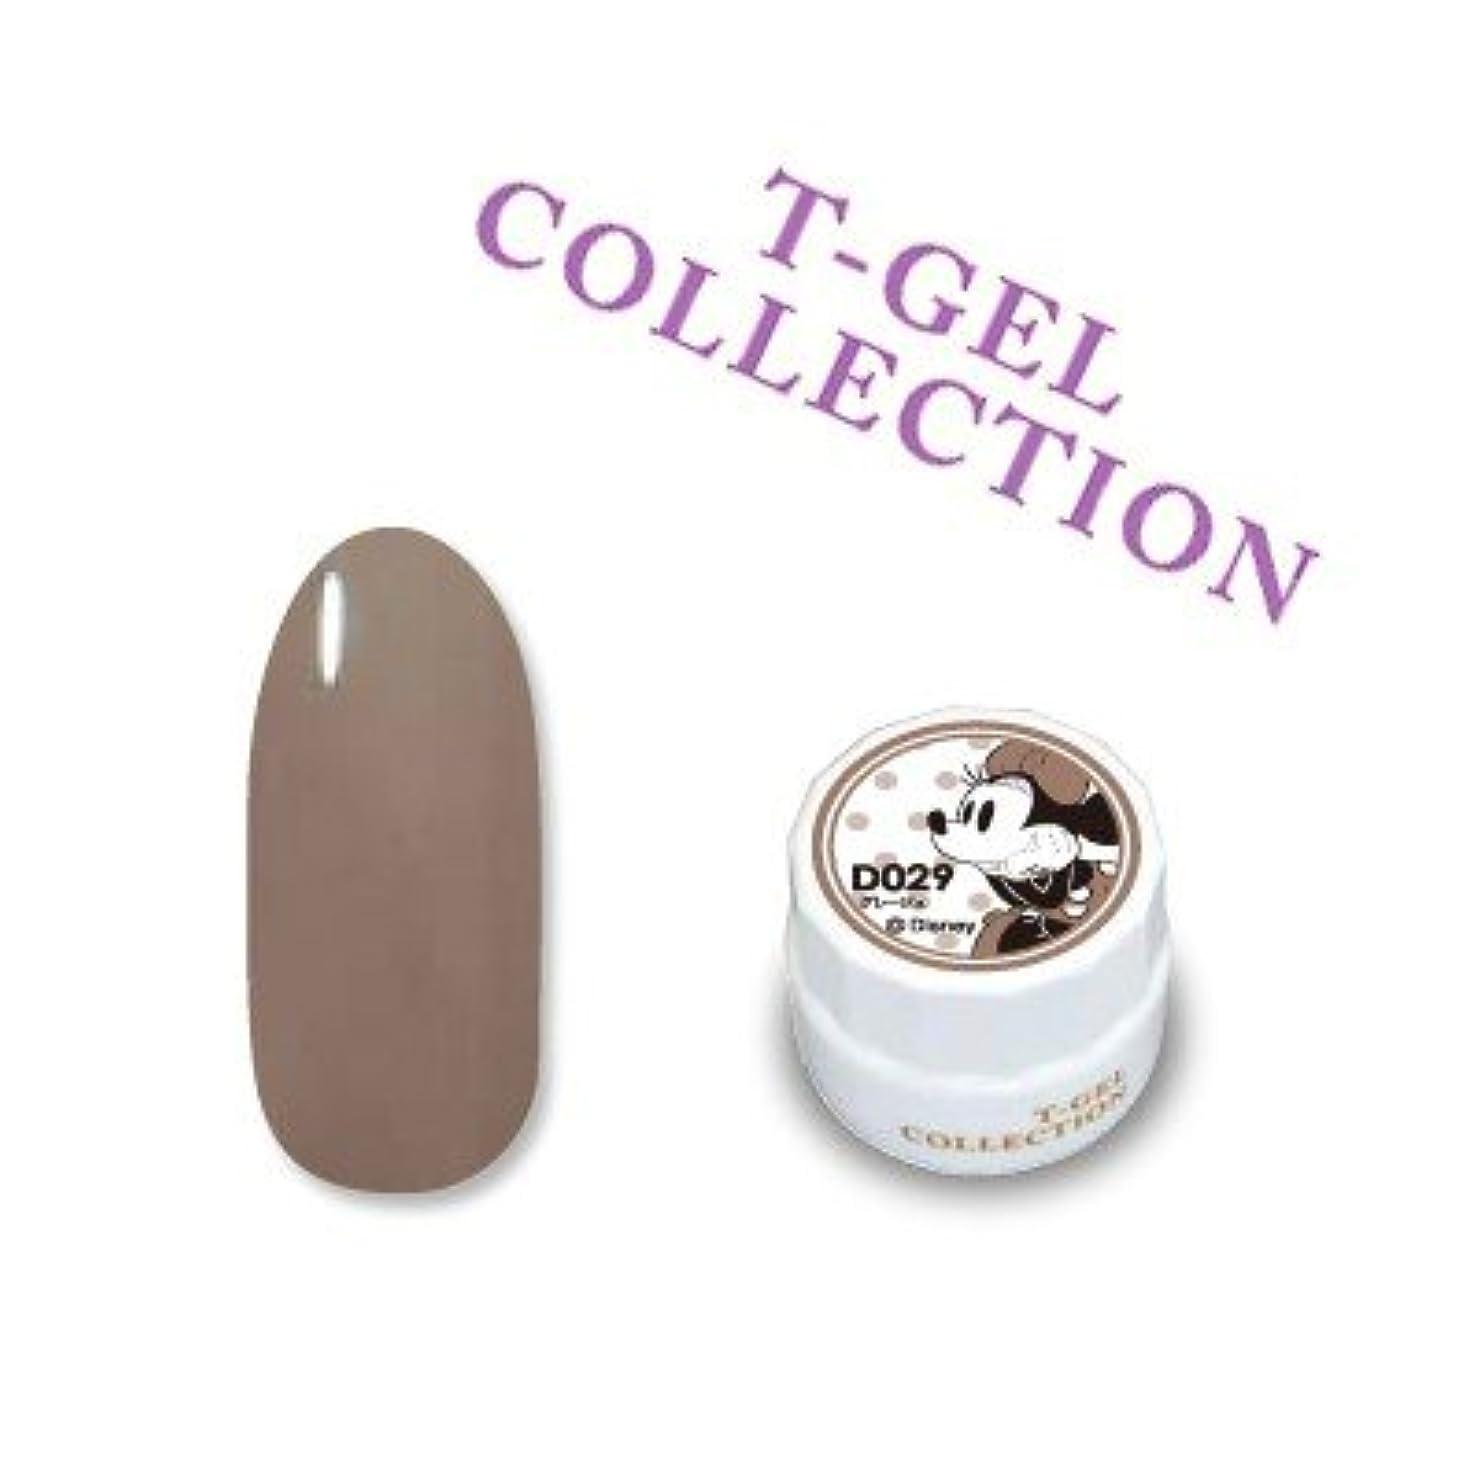 磨かれた胚芽トリプルジェルネイル カラージェル T-GEL ティージェル COLLECTION カラージェル D029 グレージュ 4ml